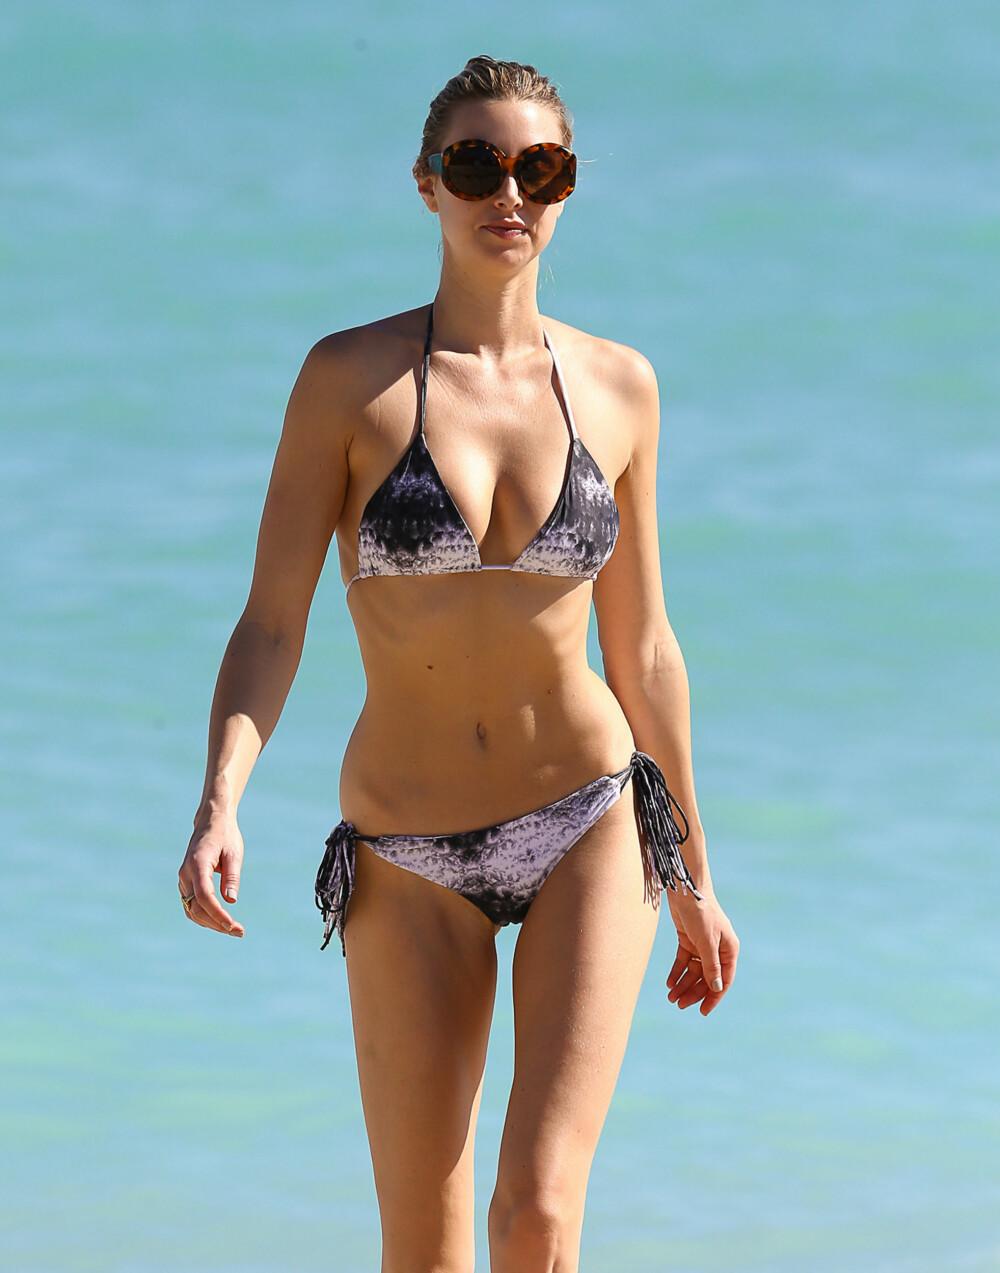 SE ETTER DETTE: En bikini skal ikke være for stram, og sørg for at bikiniskålen sitter som den skal.